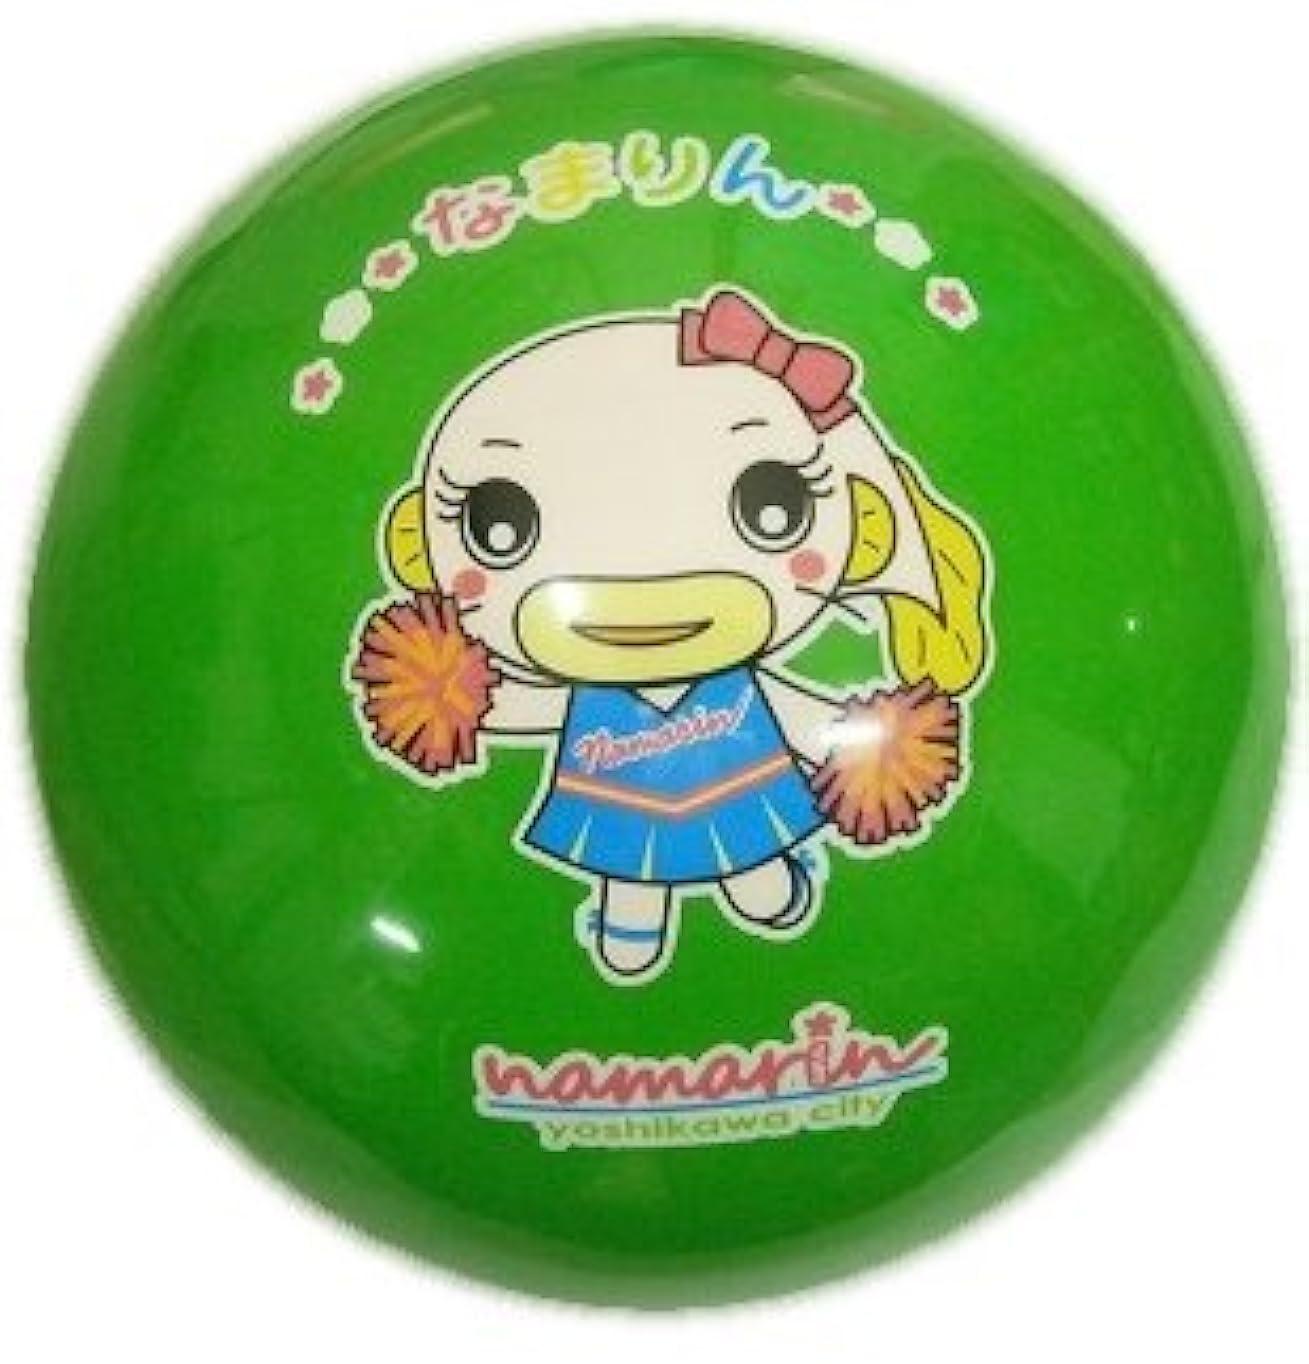 音楽家ベンチ編集者【マイカラーボール】 (6インチ/直径15㎝) ご当地キャラクターカラーボール なまりん 1個セット (黄緑)